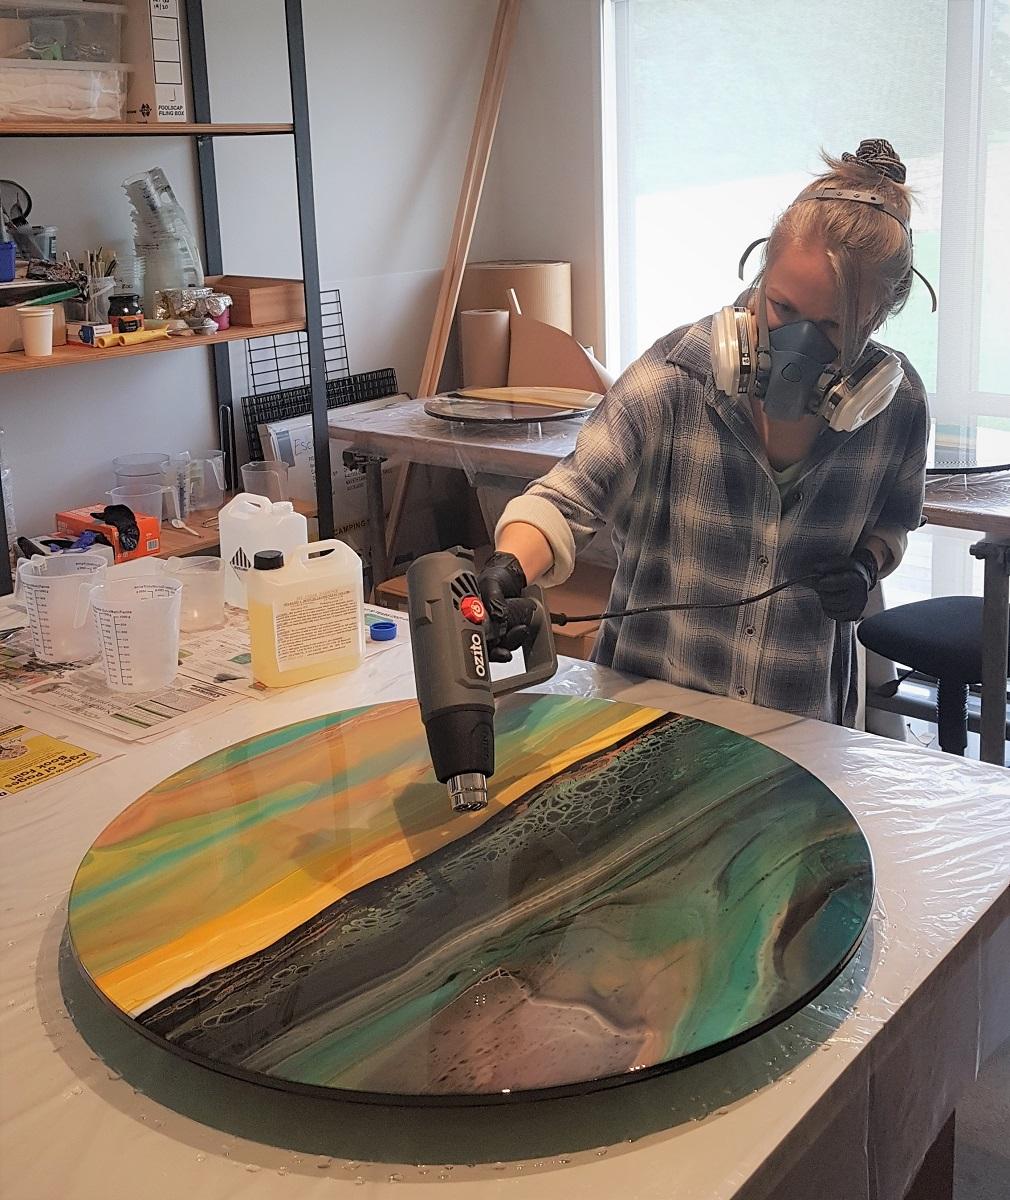 Toni Kingstone - in studio